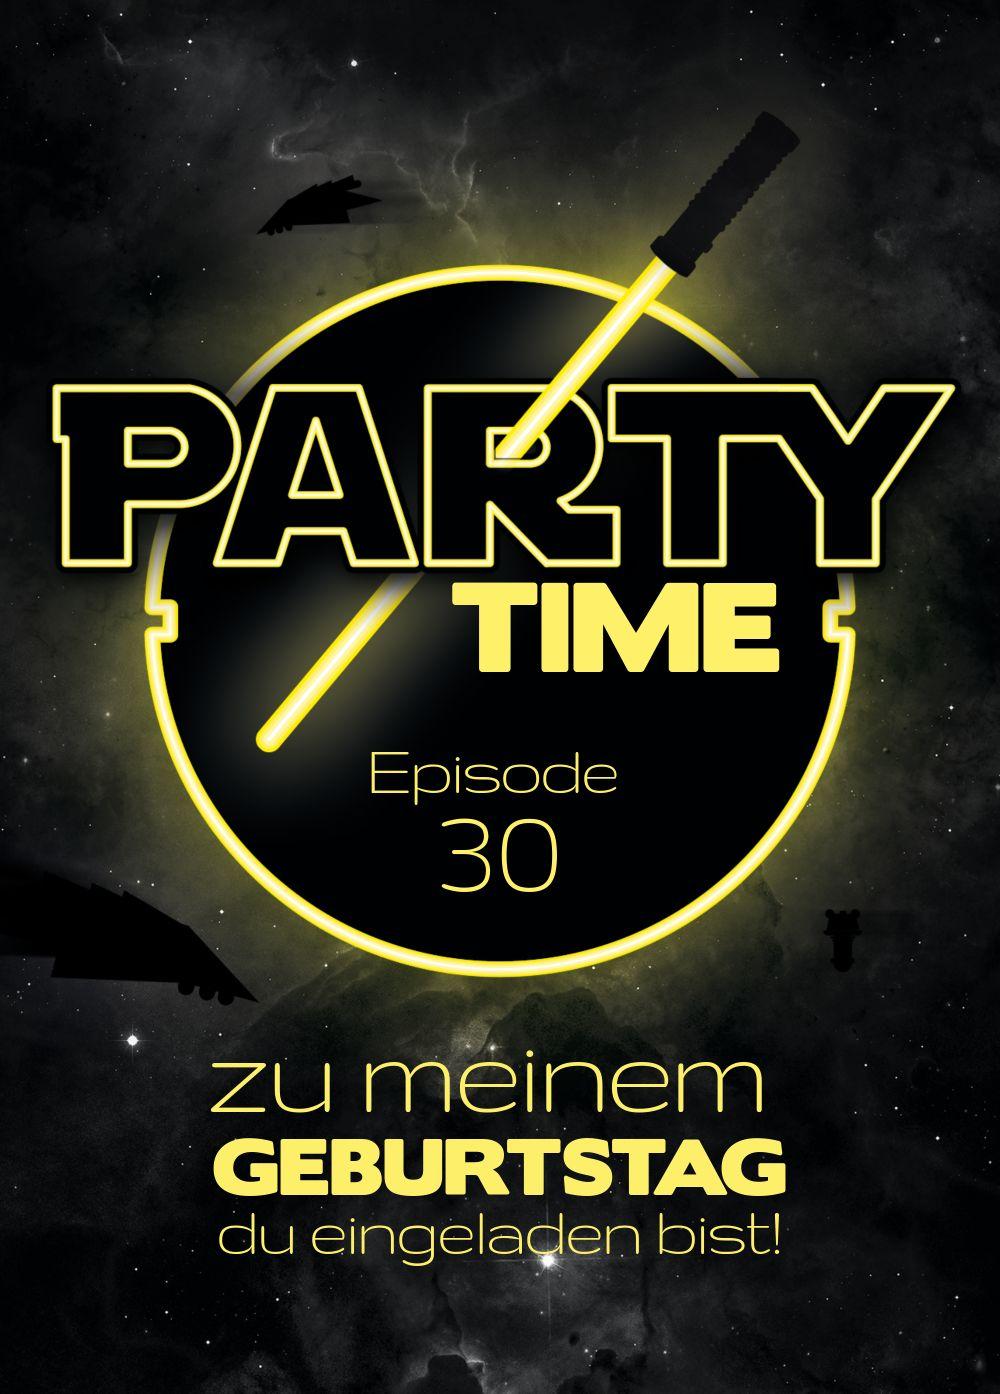 Ansicht 2 - Geburtstagseinladung Partytime 30